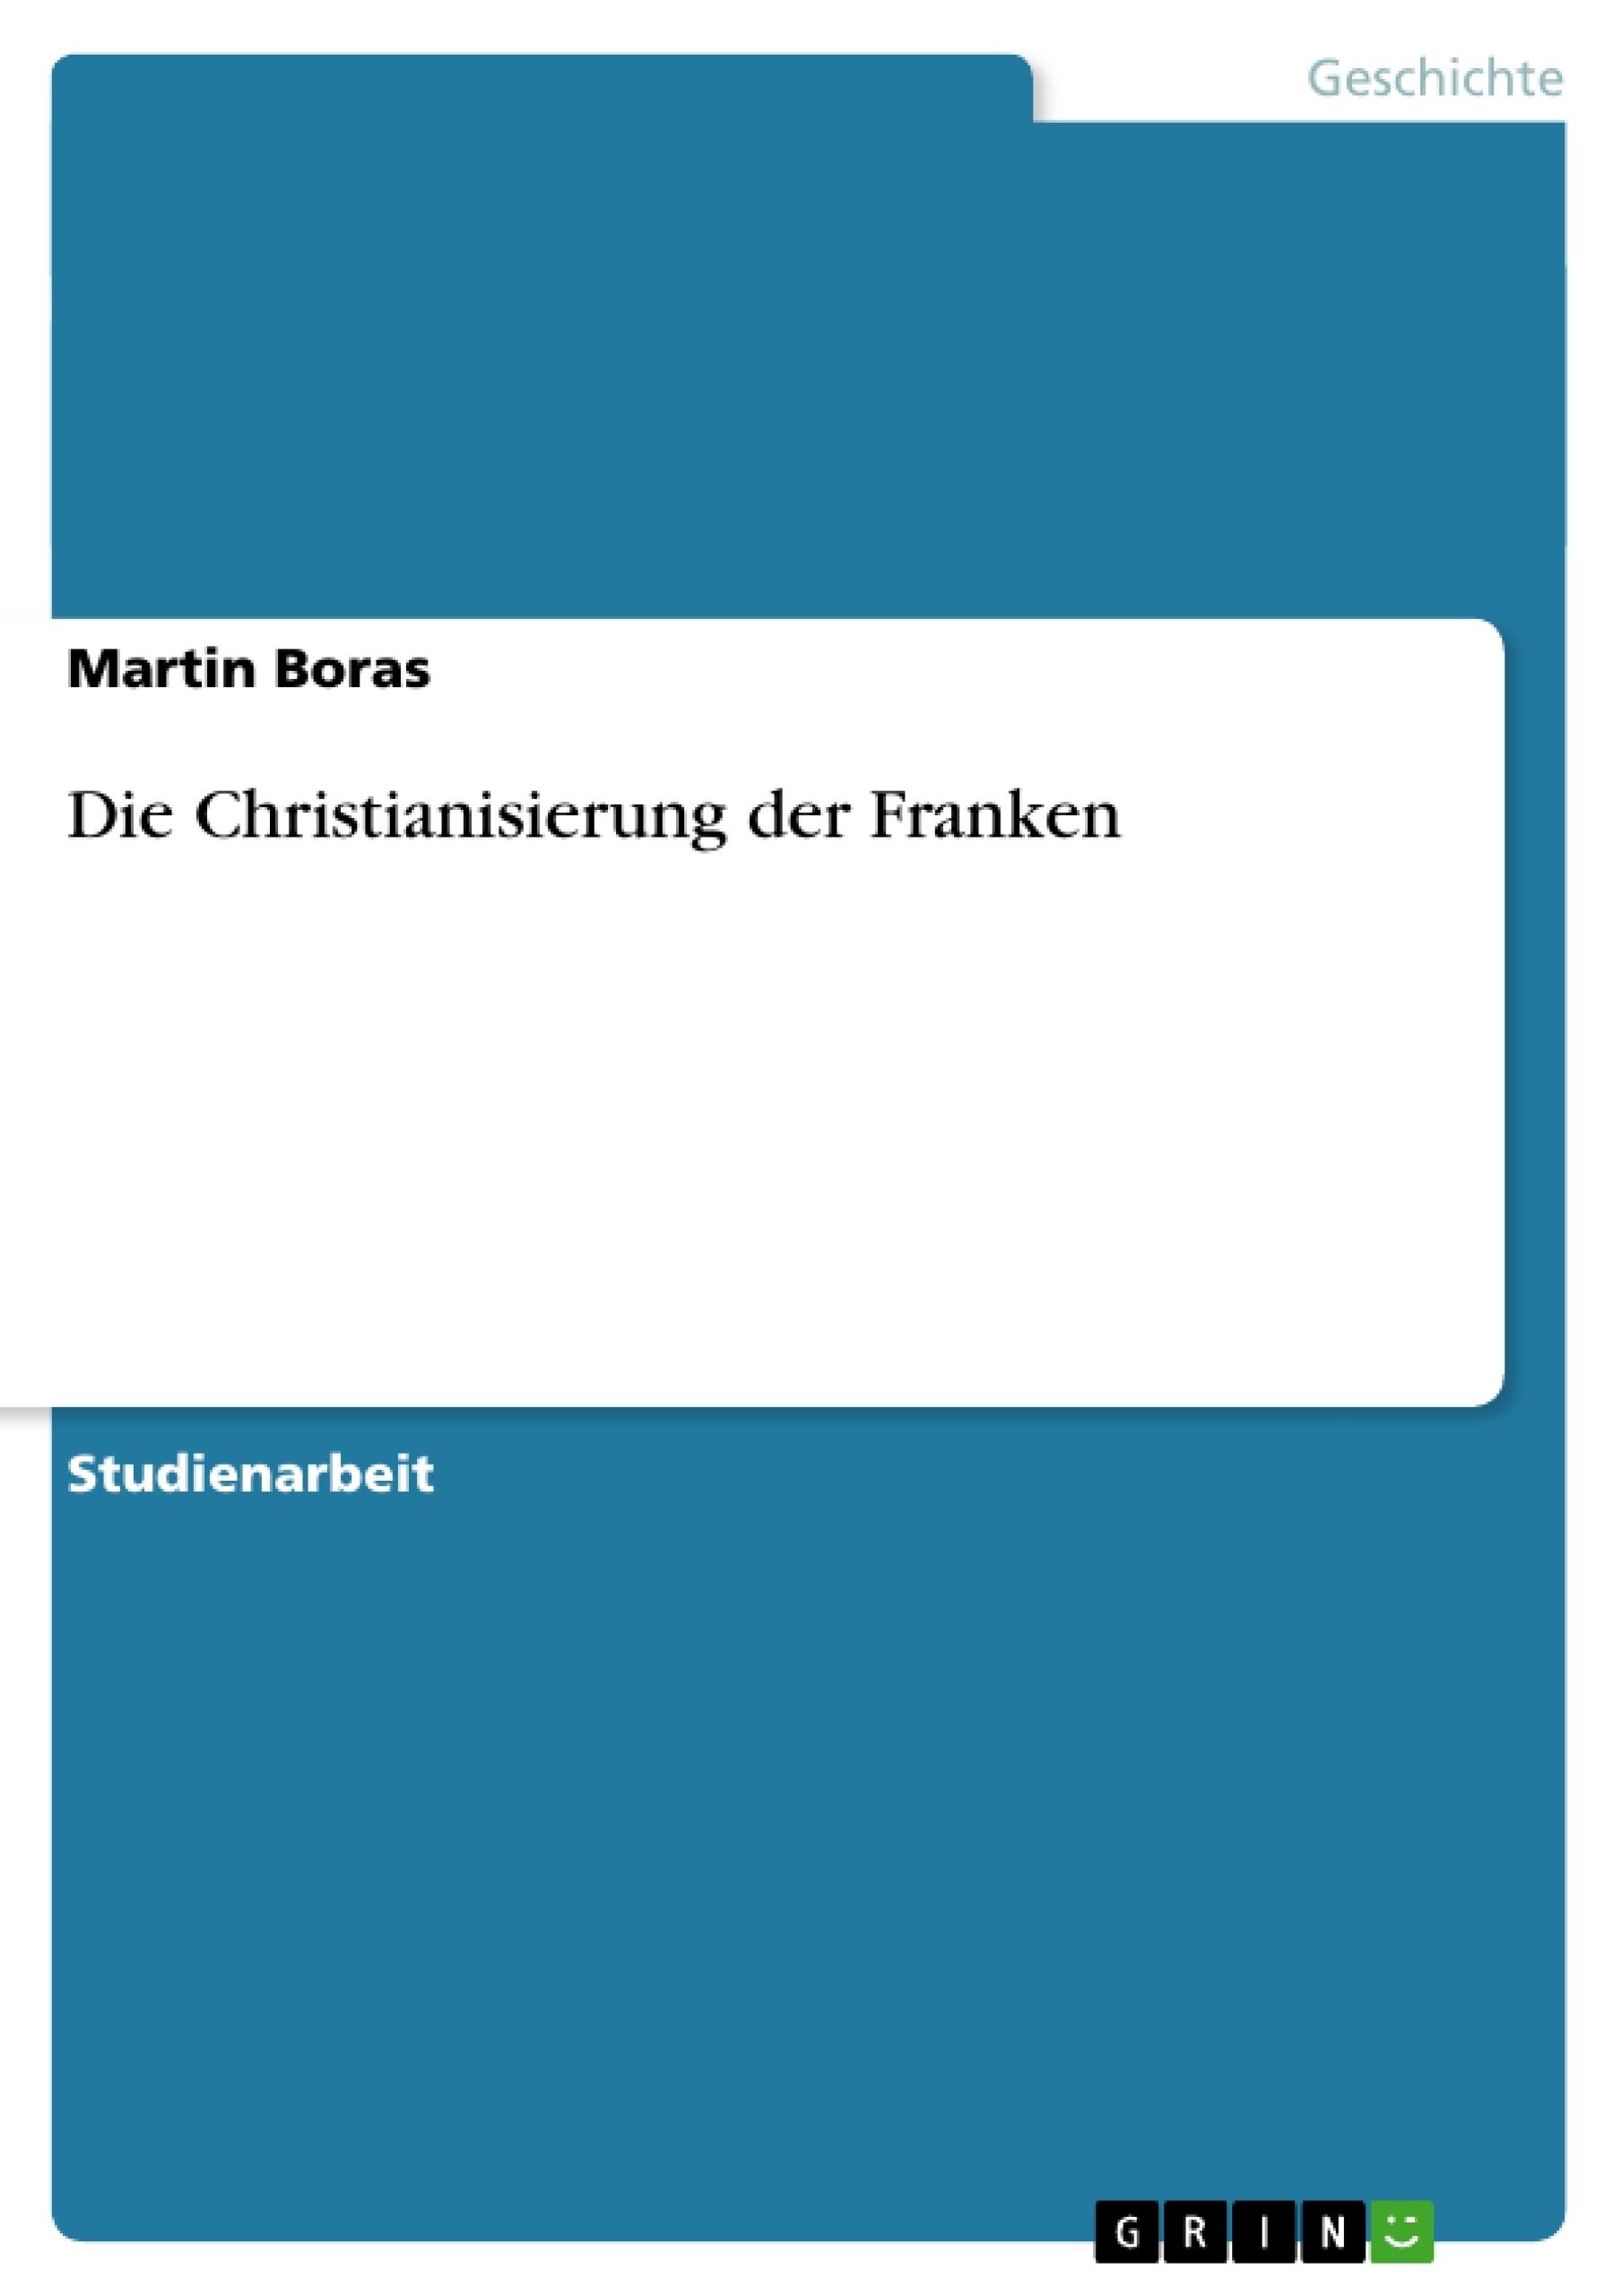 Titel: Die Christianisierung der Franken